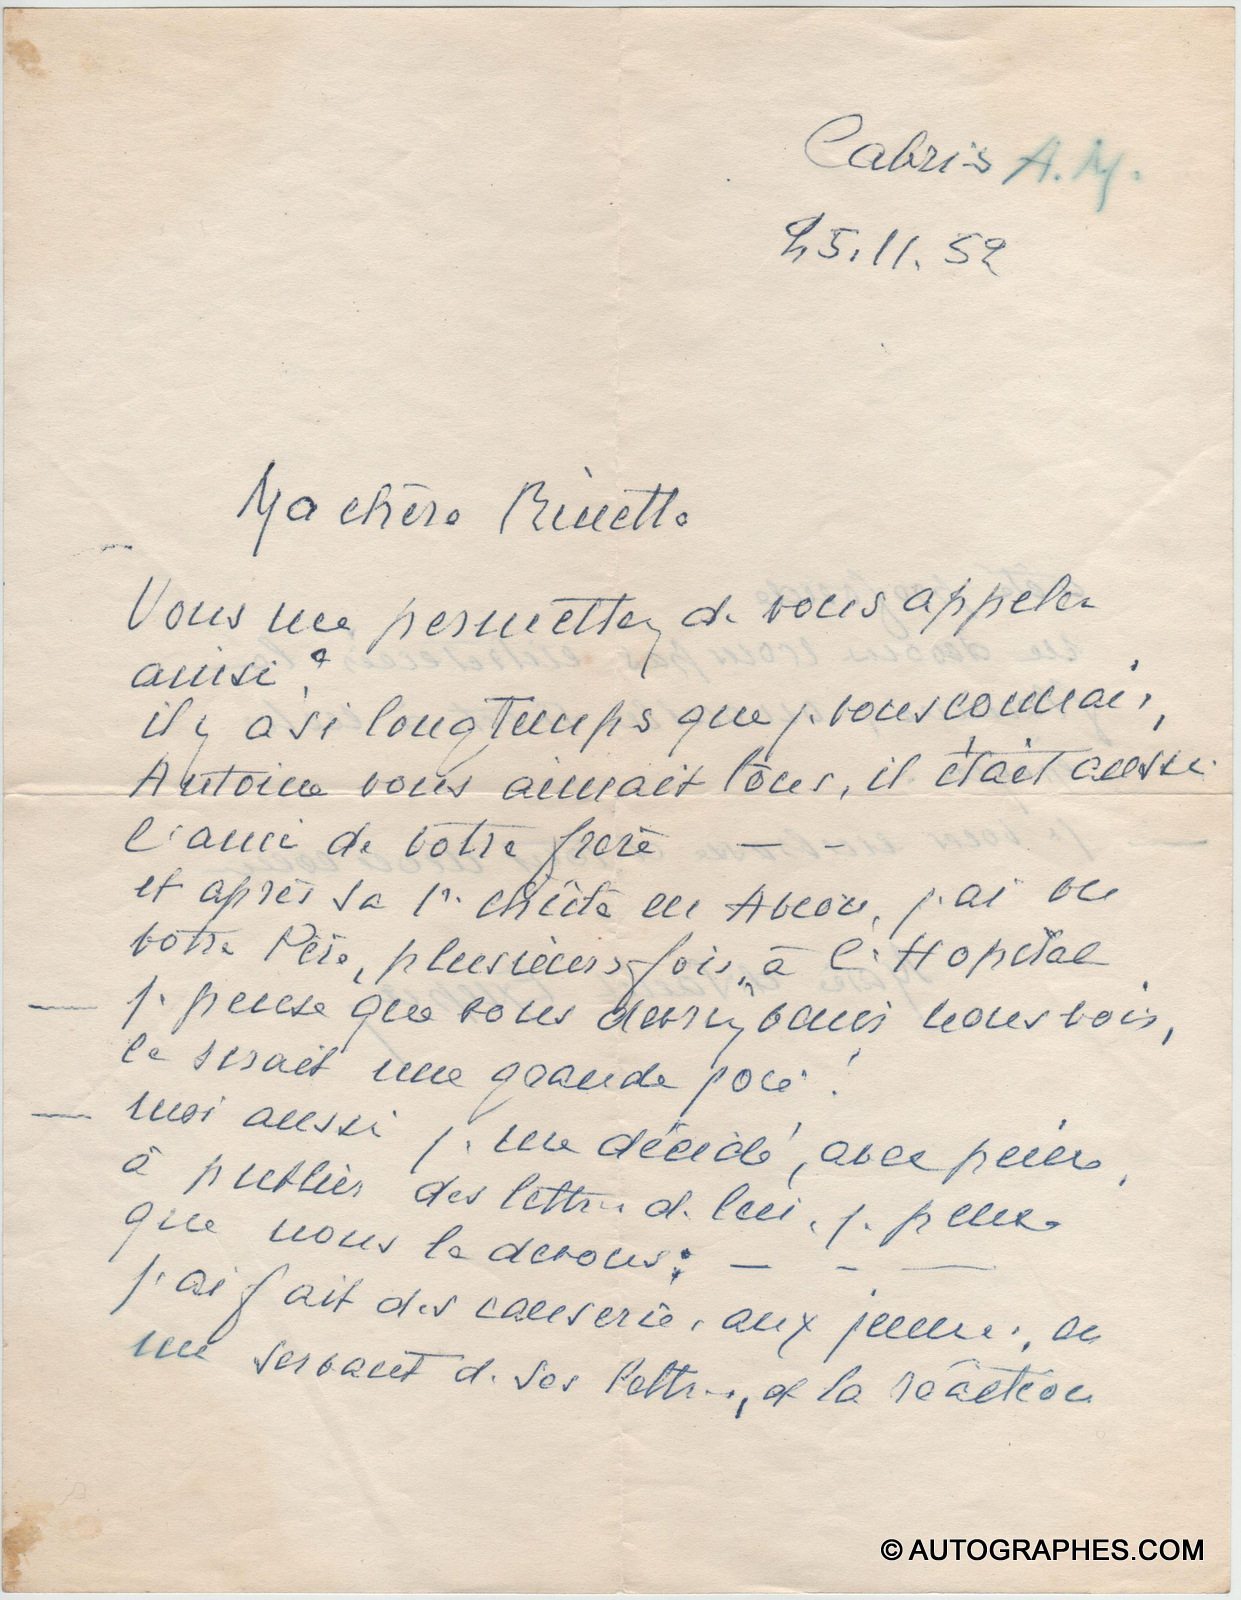 lettre-autographe-signee-marie-de-saint-exupery-antoine-de-saint-exupery-1